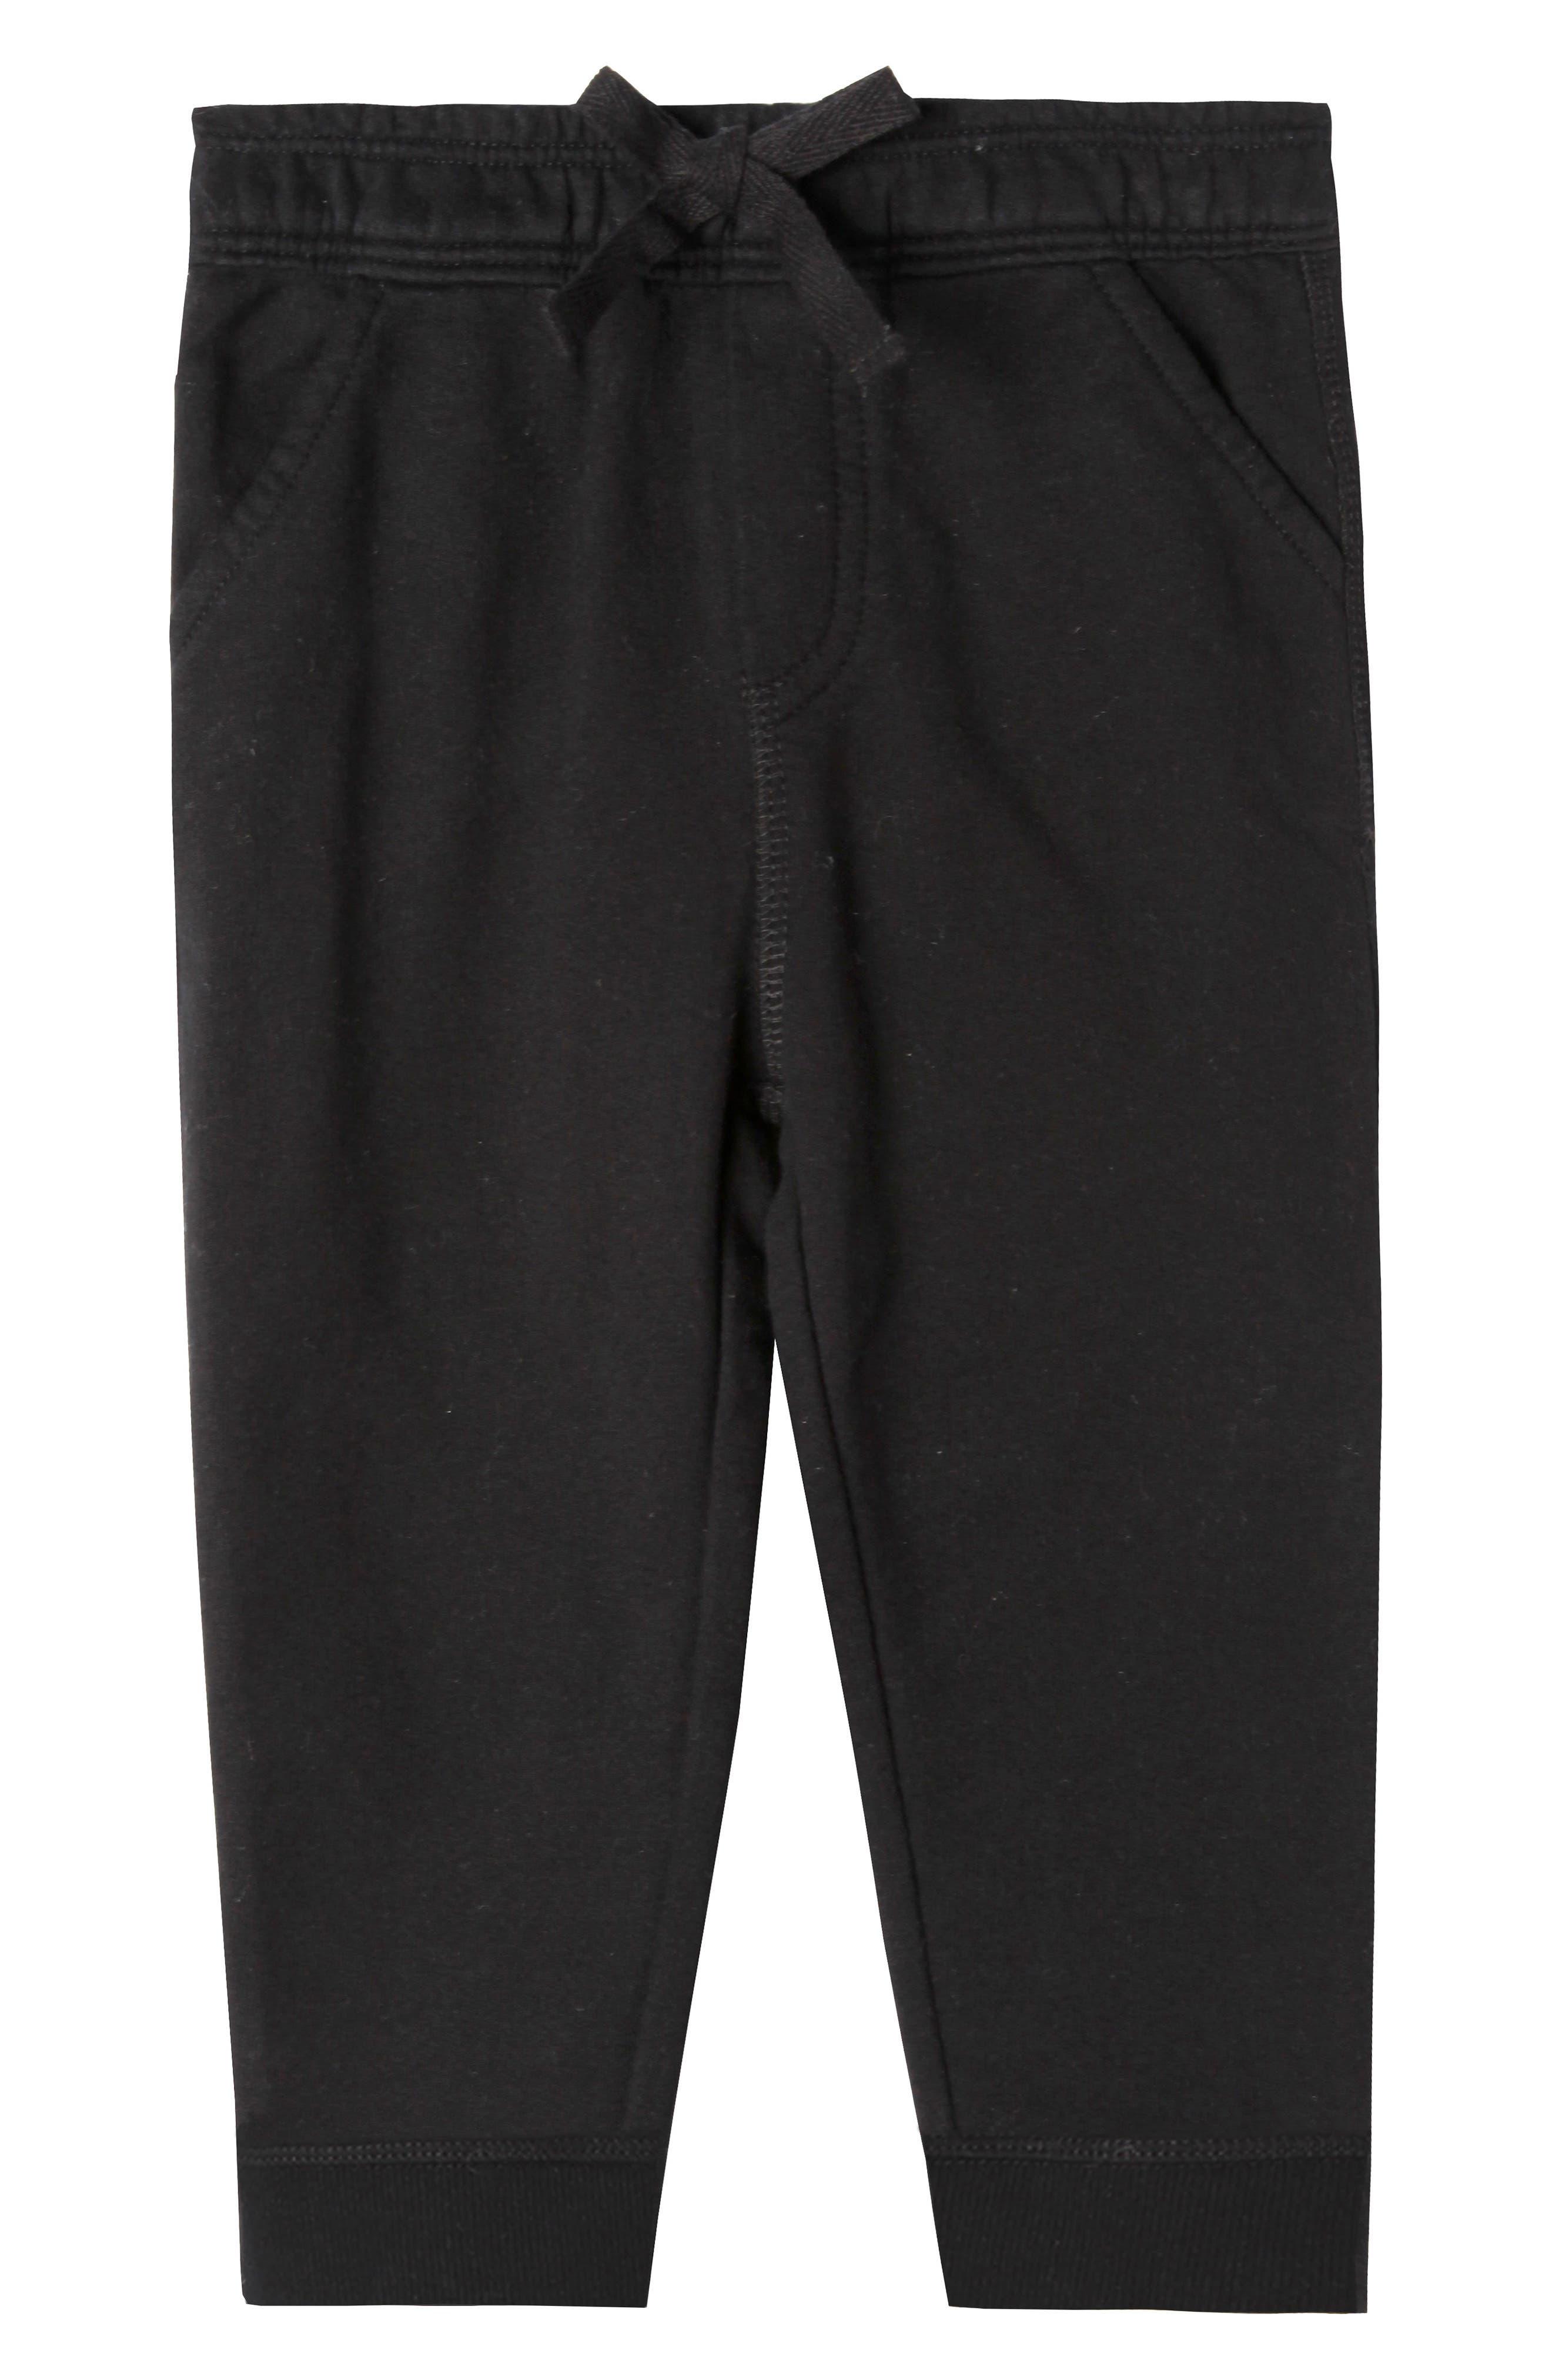 Joseph Organic Cotton Pants,                             Main thumbnail 1, color,                             001